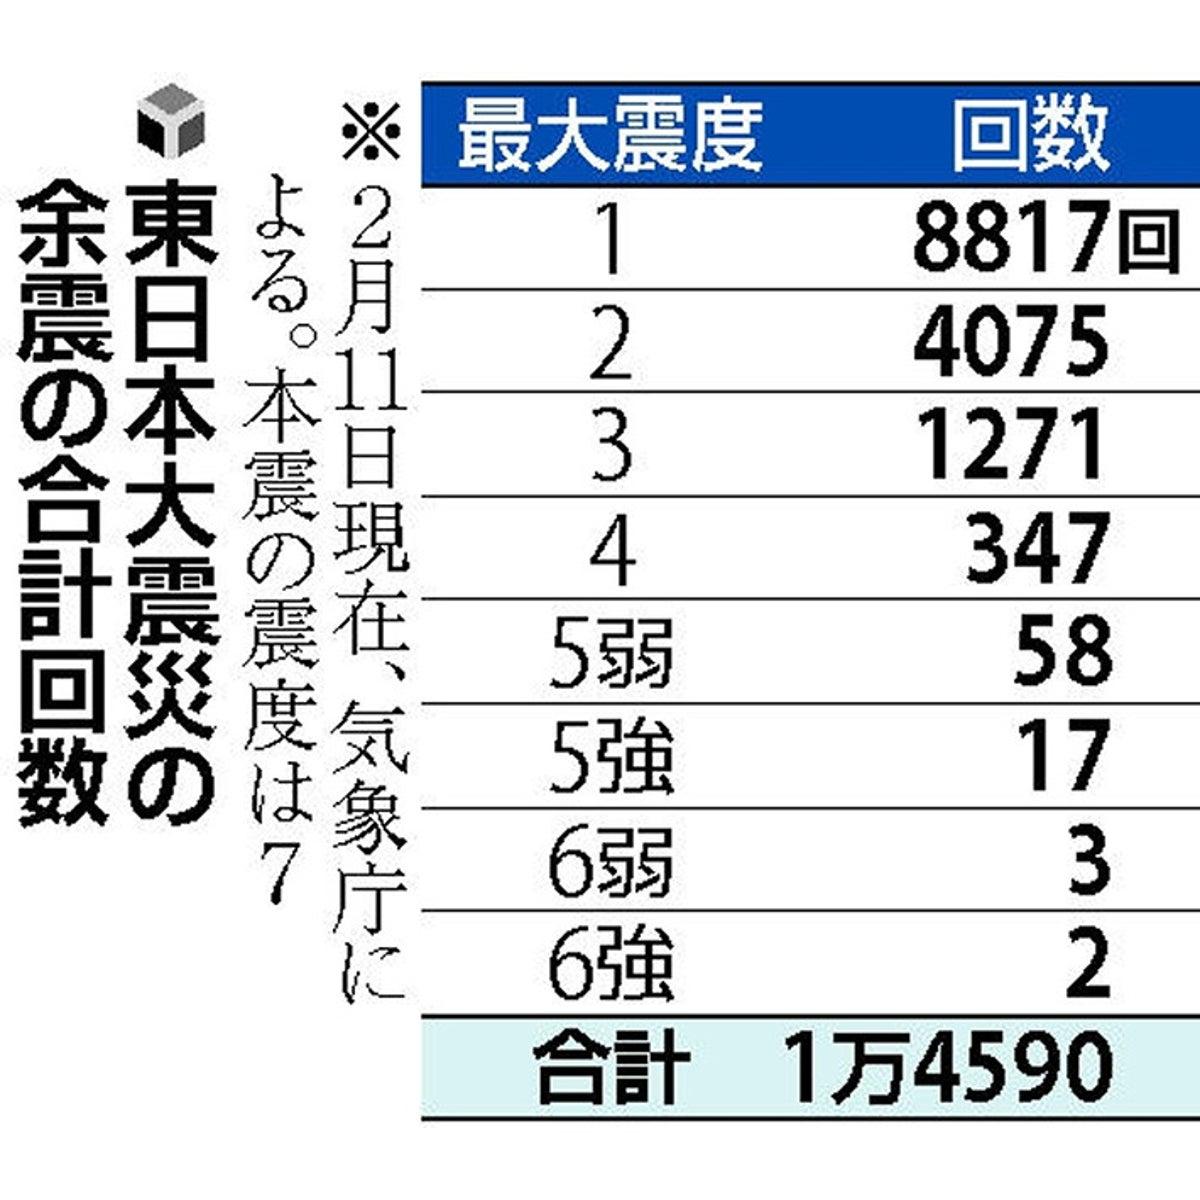 大震災 余震 回数 東日本